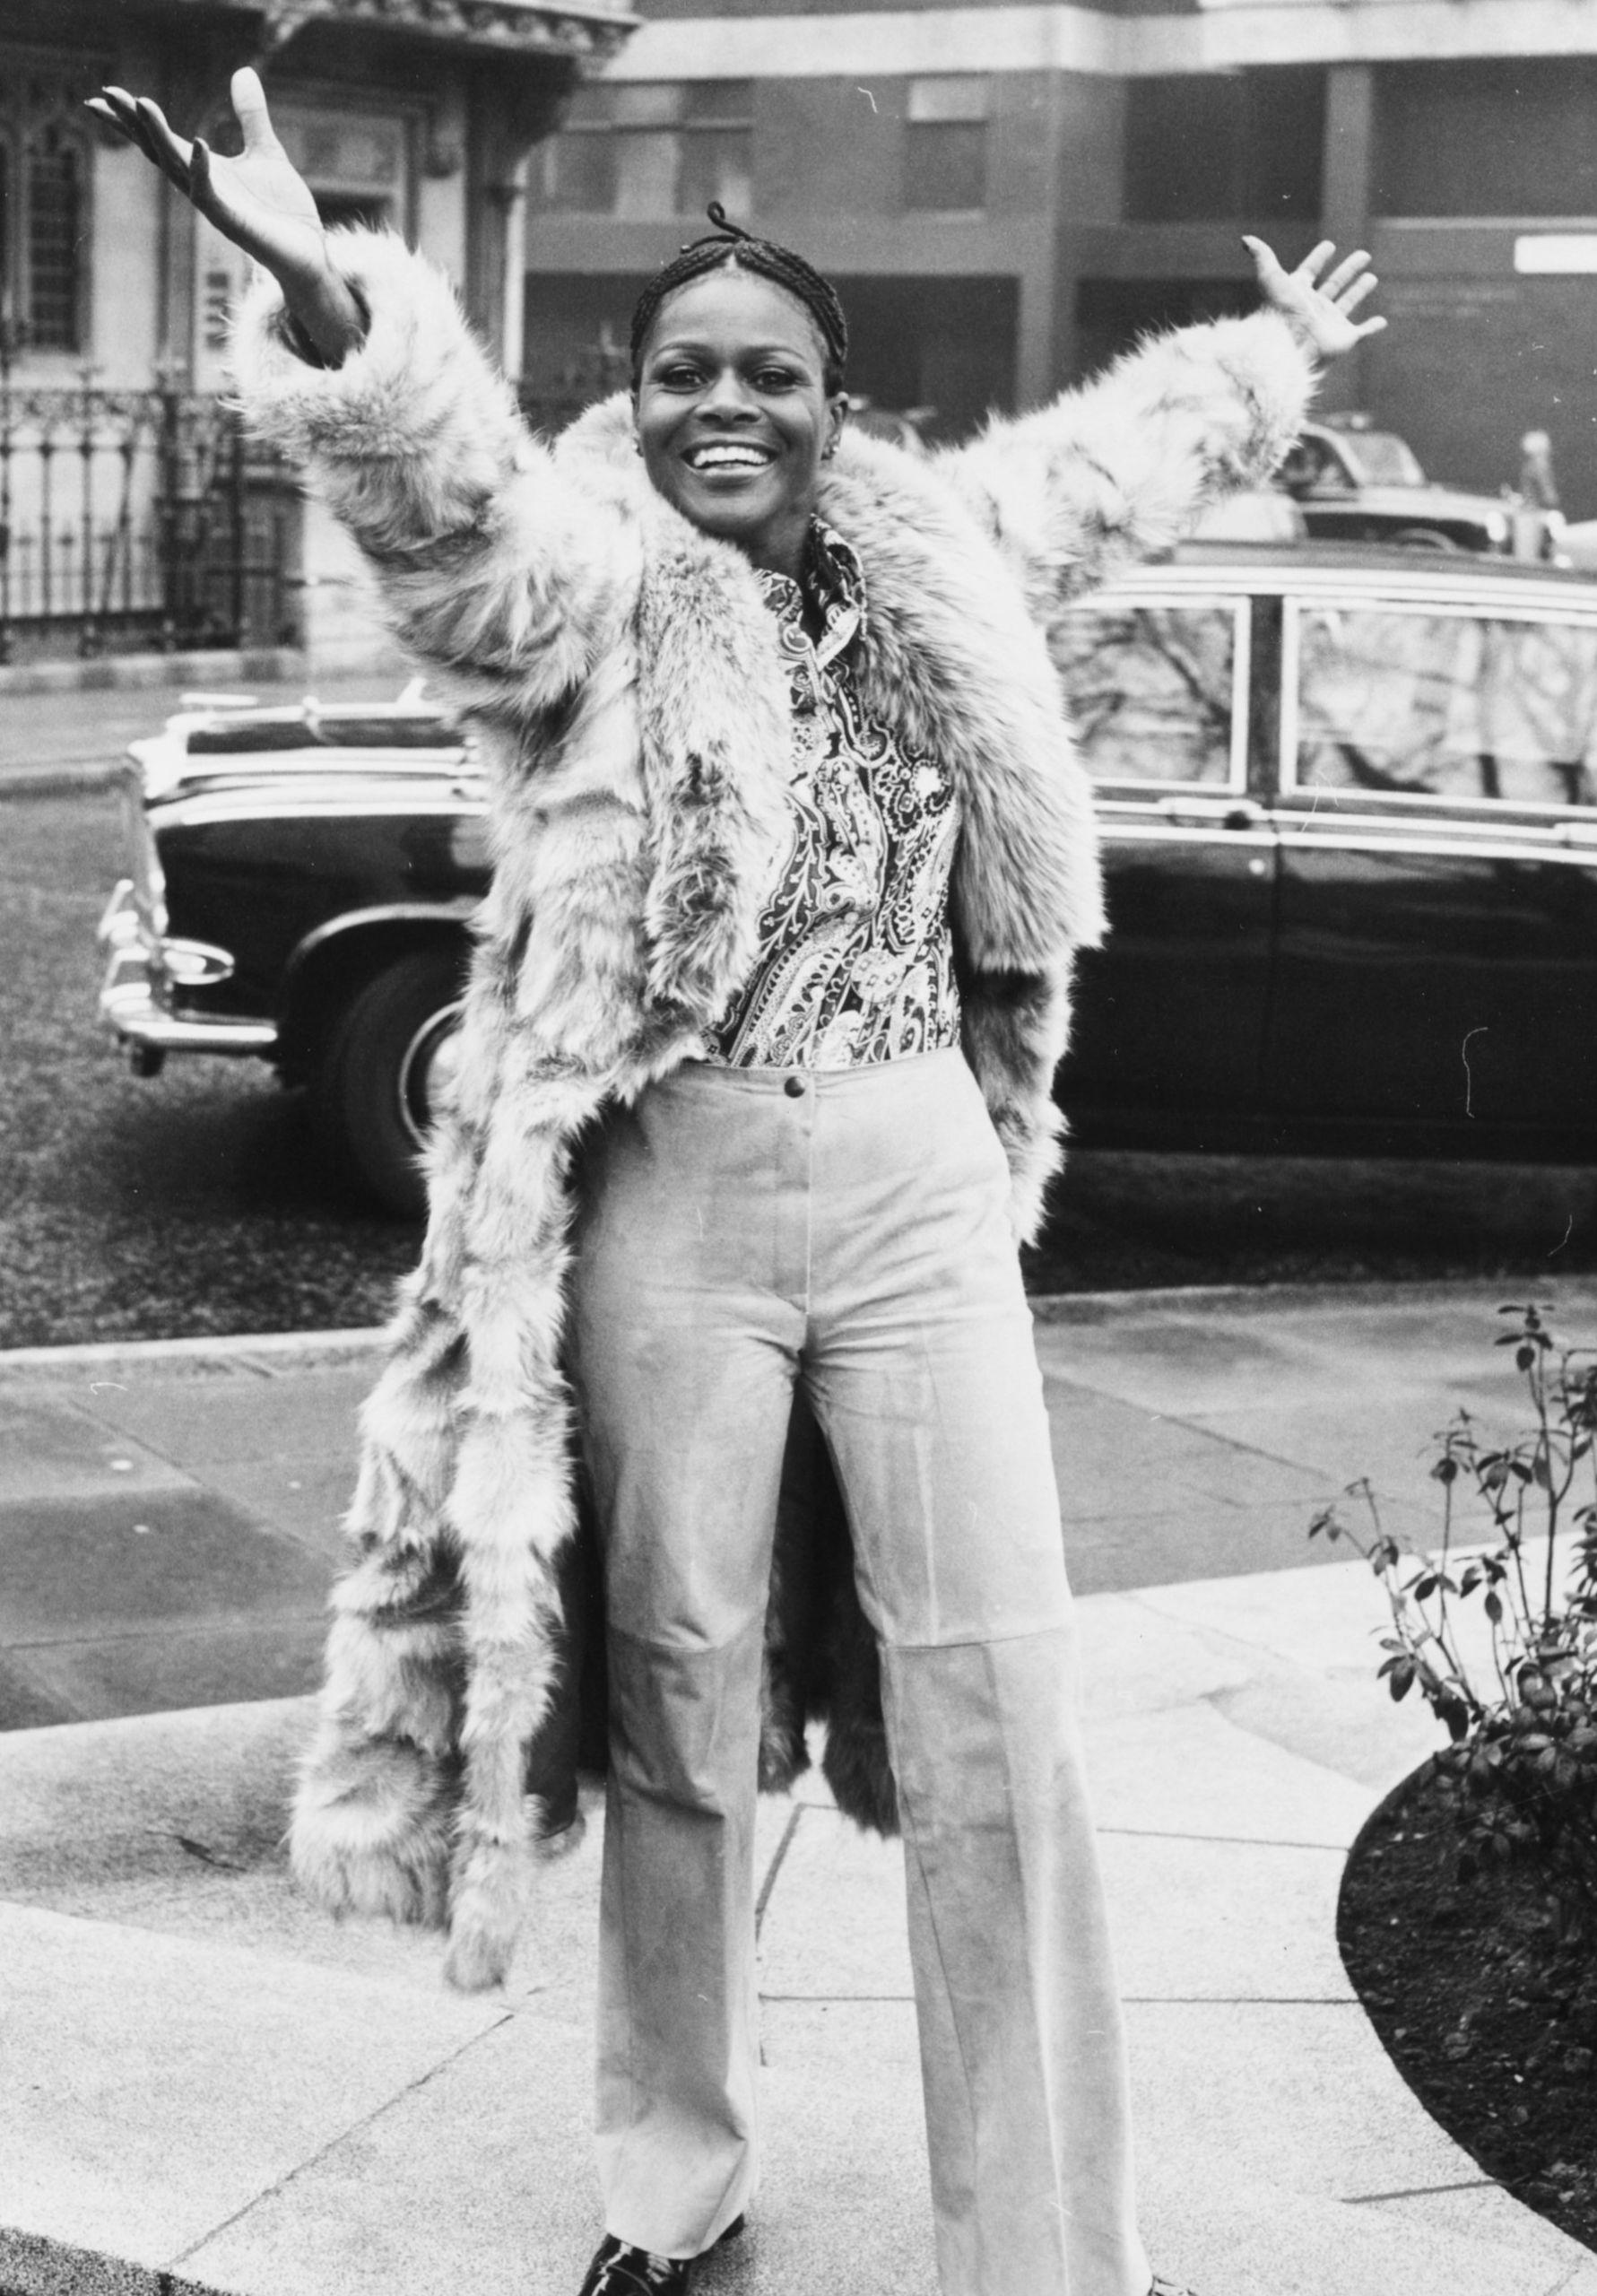 Η Σίσελι Τάισον την δεκαετία του '70